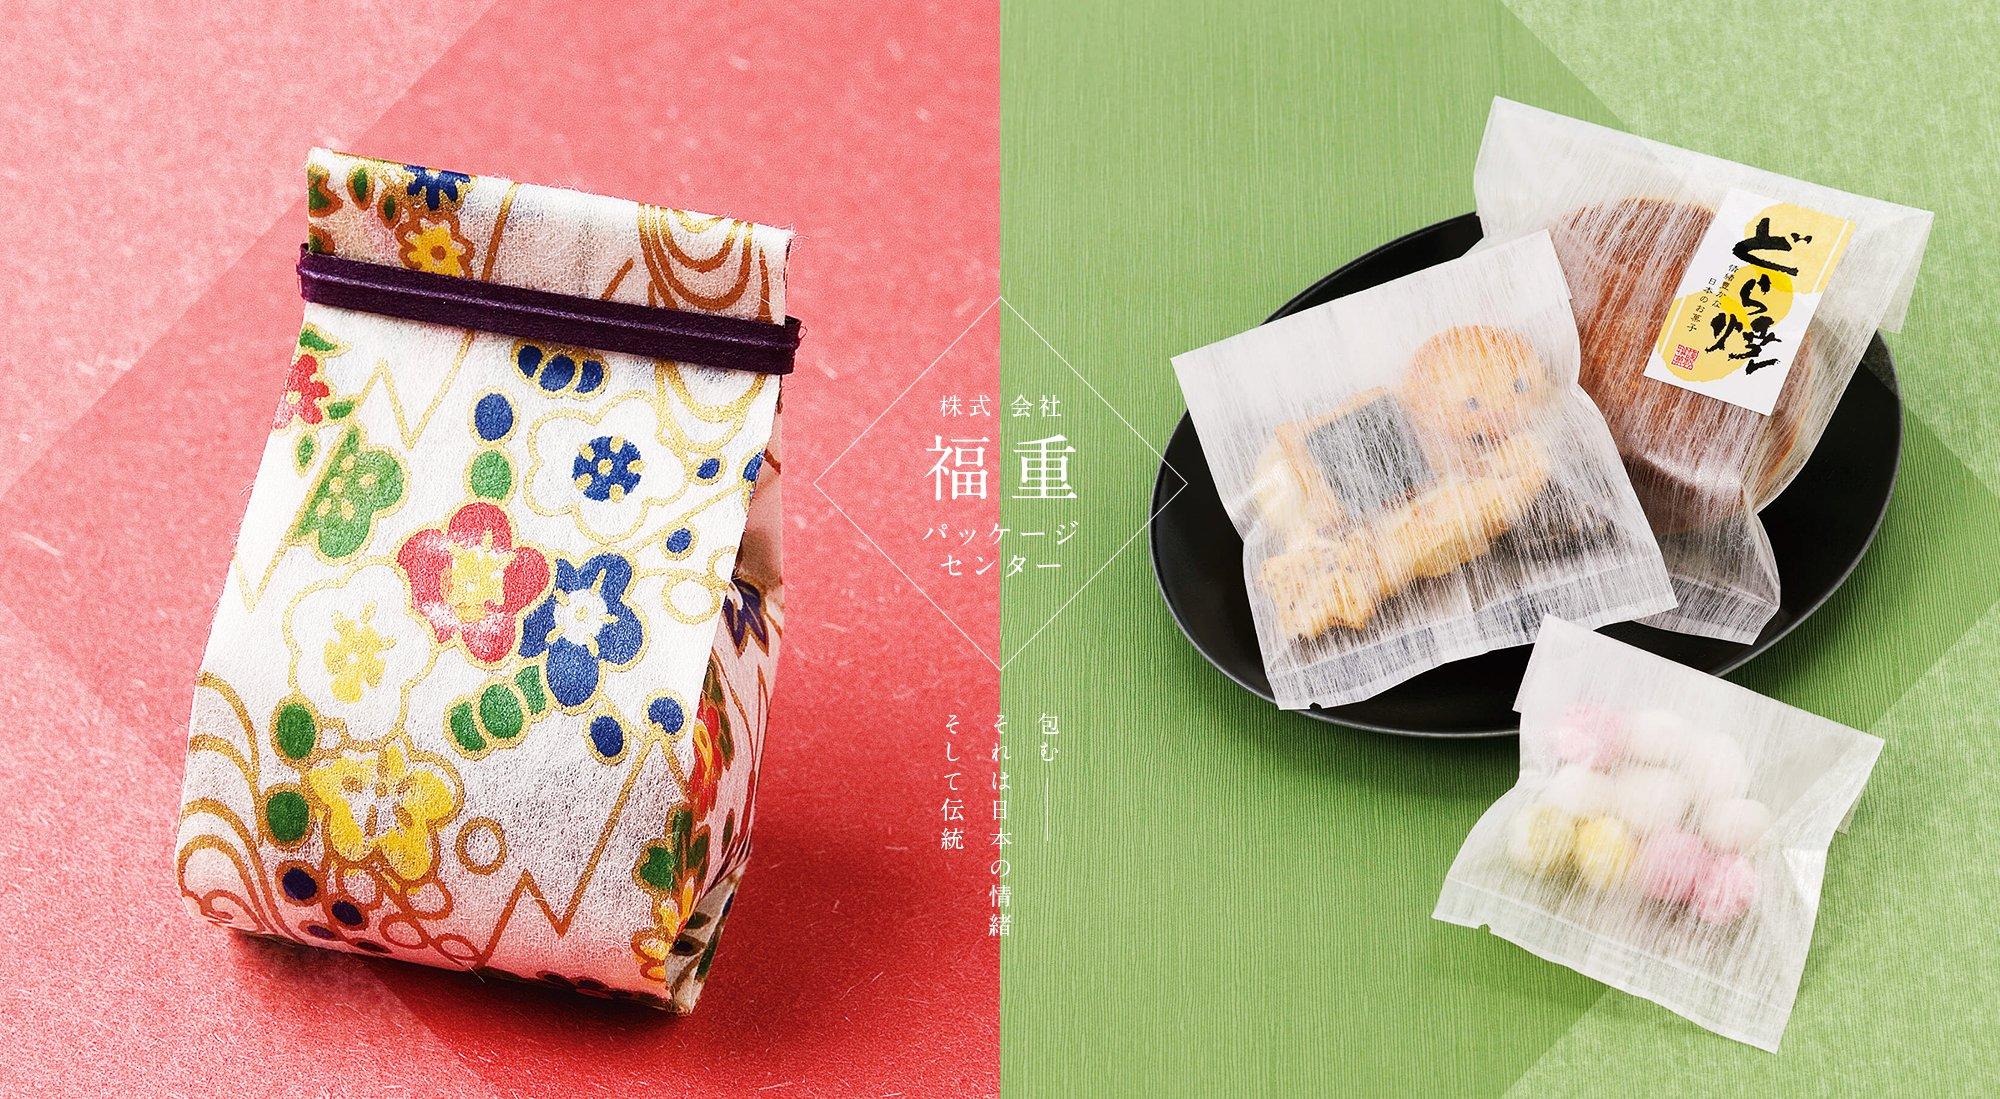 包む それは日本の情緒 そして伝統